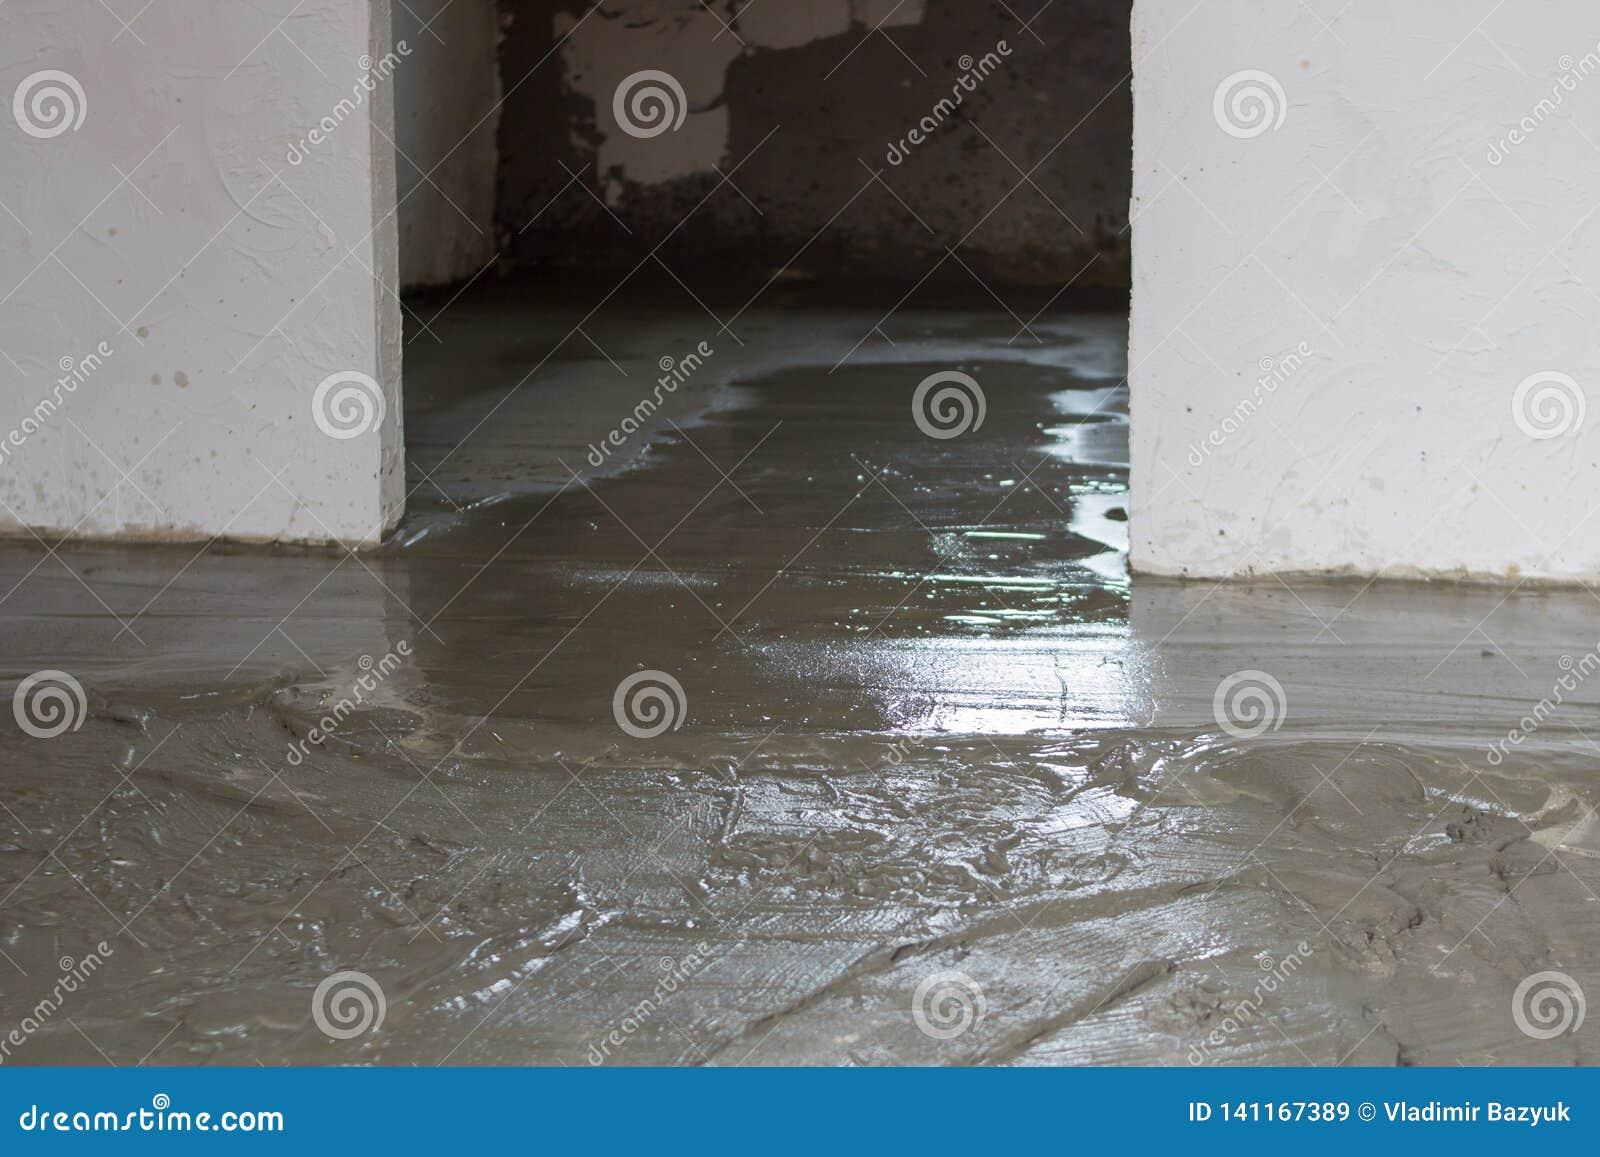 Цементный раствор для ремонта пола бетон пло